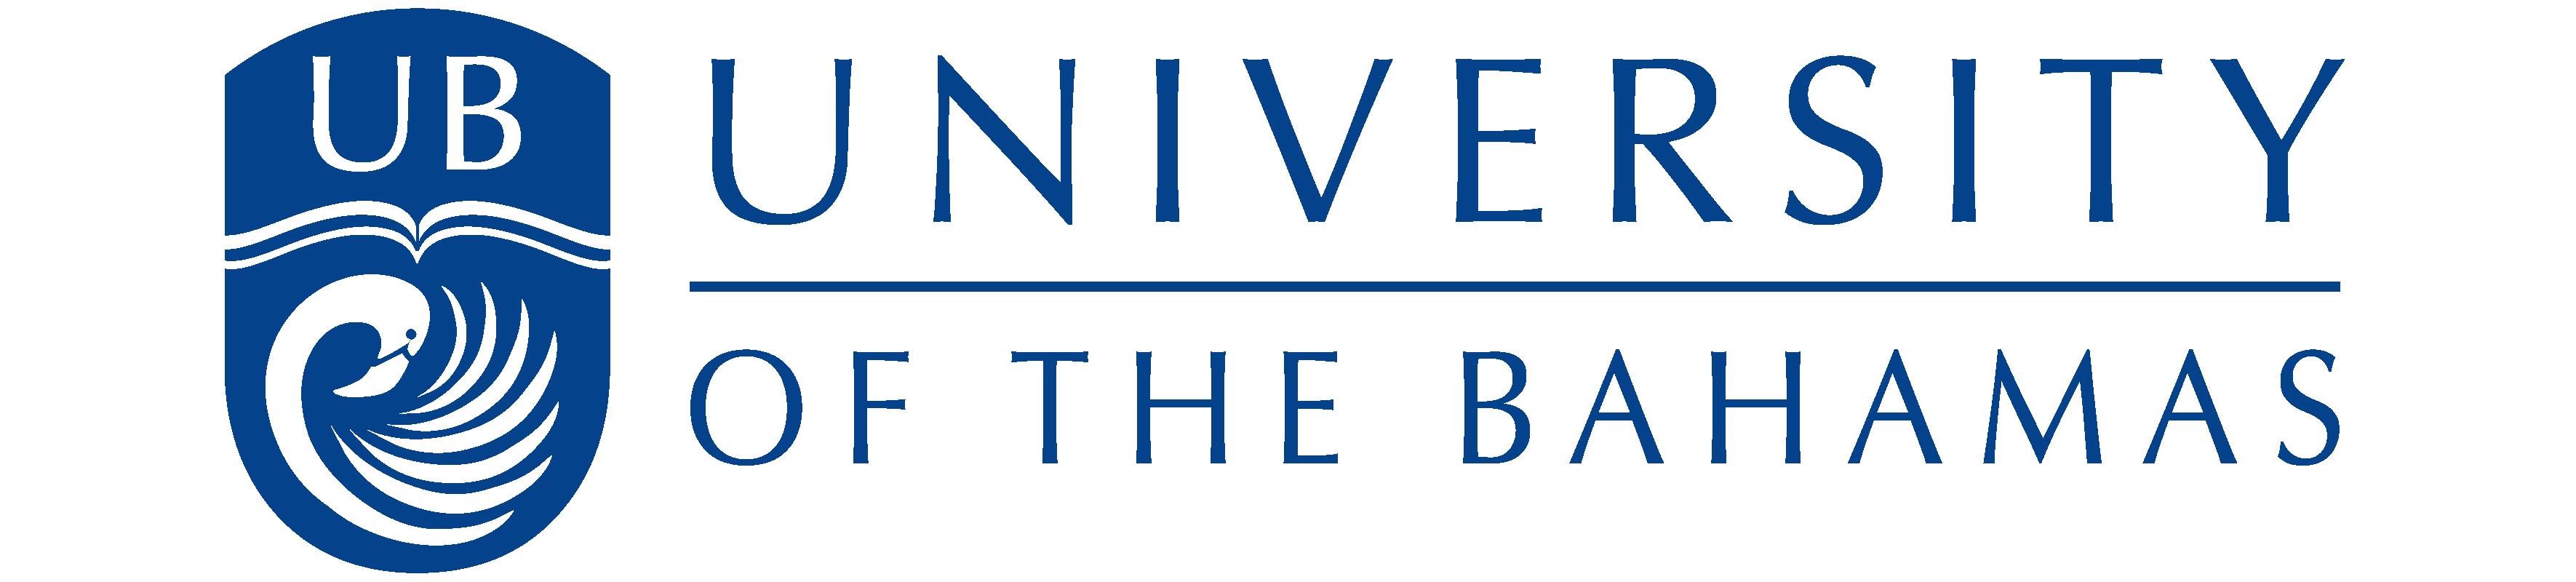 UB-Horizontal-Shield-Logo-1-1.png